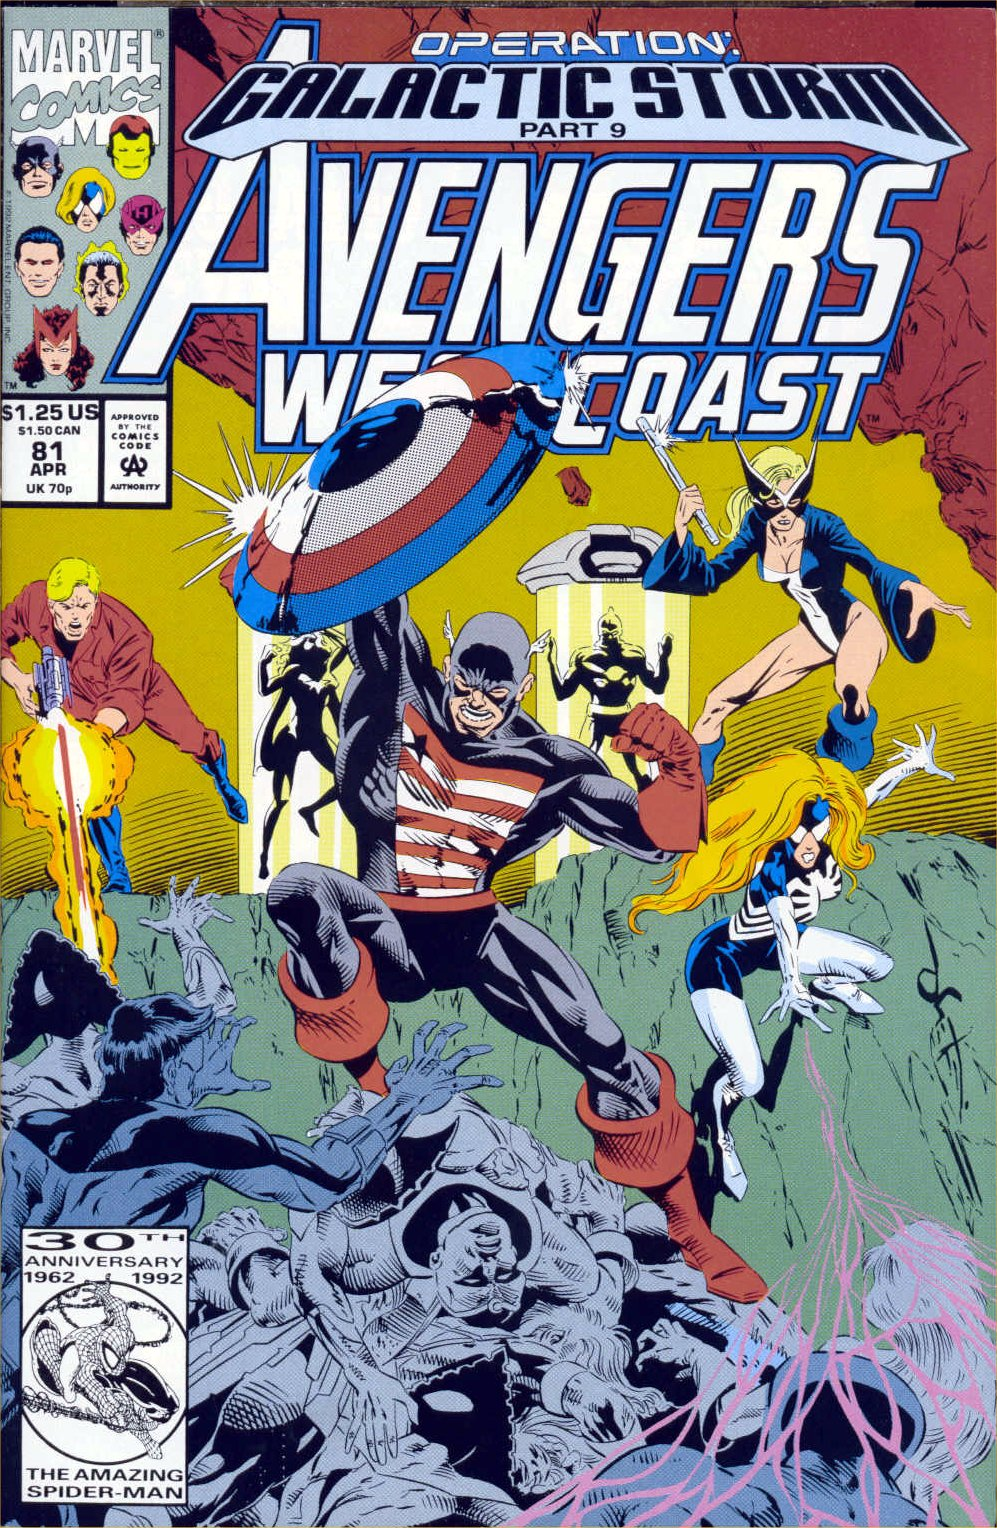 The Avengers (1963) 345e Page 1